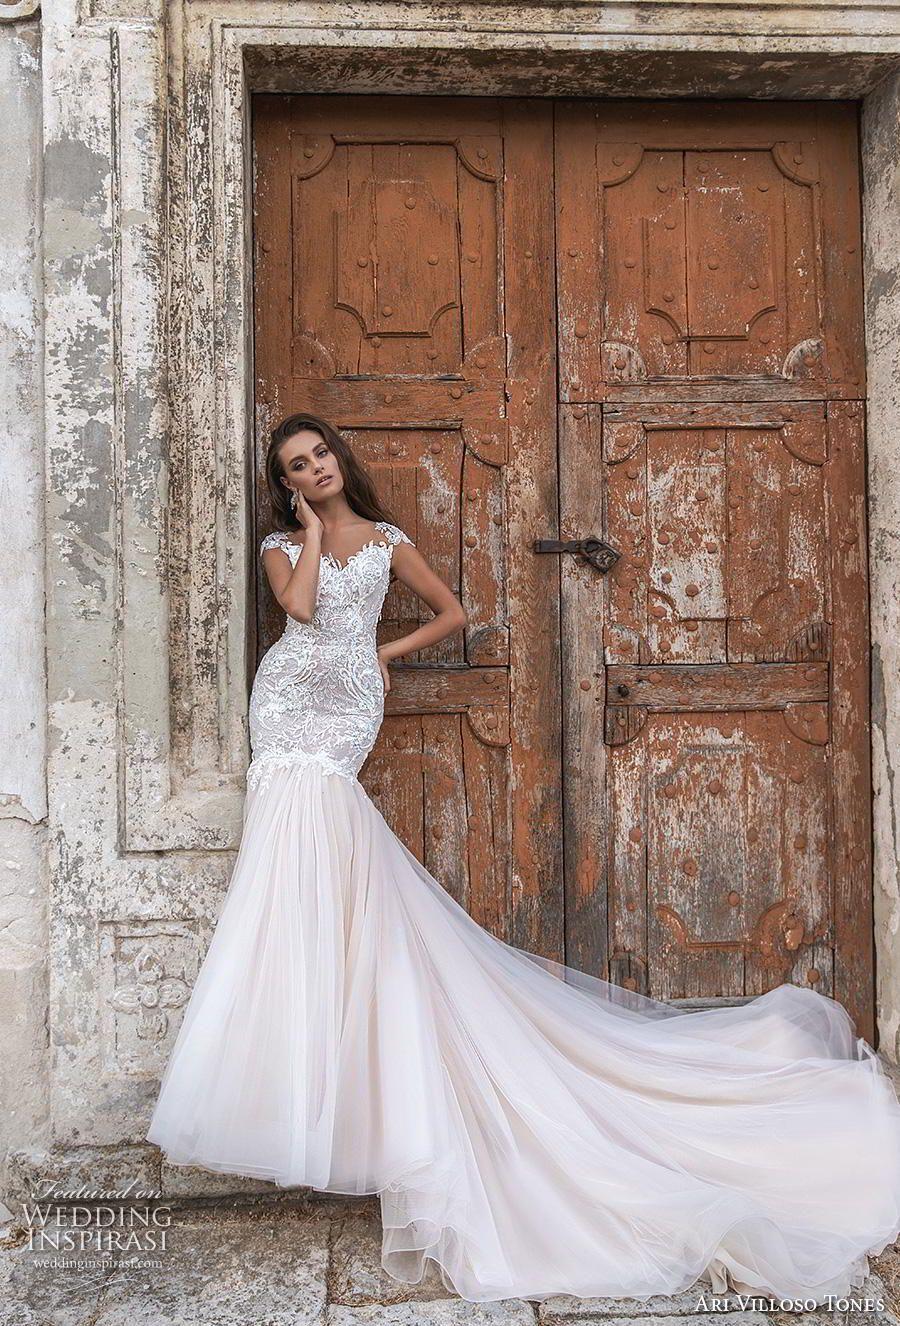 Ari Villoso Tones 2020 Wedding Dresses Allure Bridal Collection Wedding Inspirasi Allure Wedding Dresses 2020 Wedding Dresses Allure Bridal [ 1326 x 900 Pixel ]